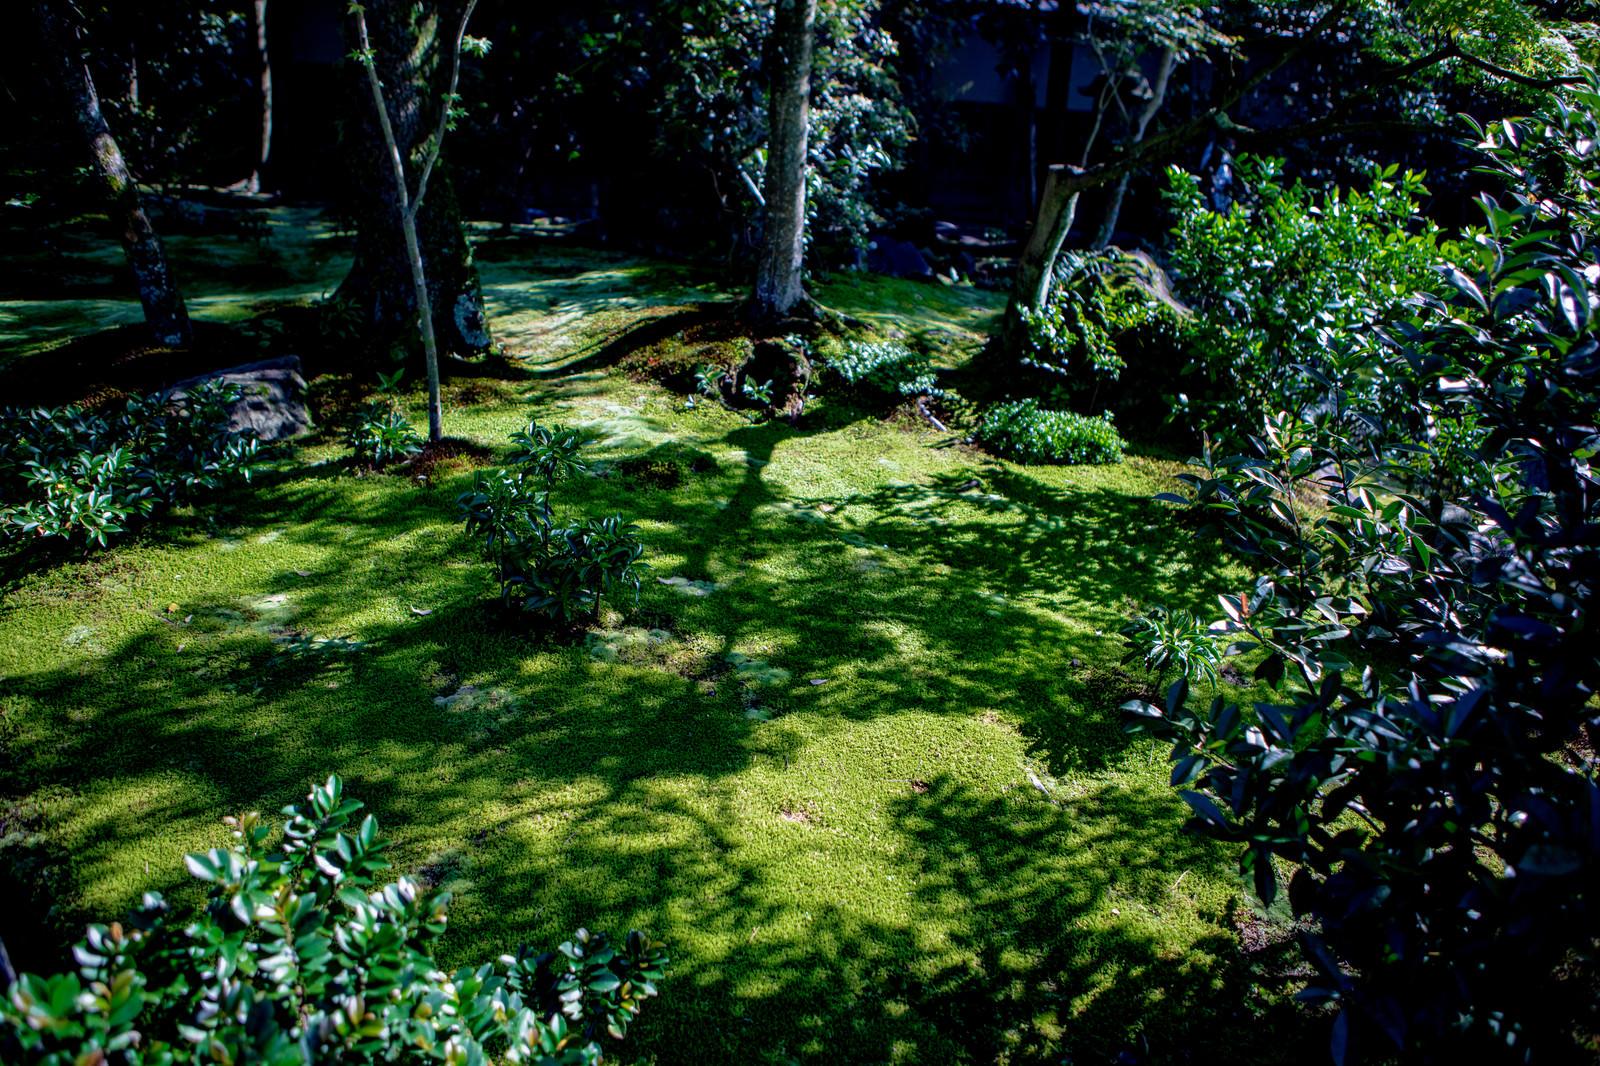 「庭先の苔に伸びる木々の影」の写真